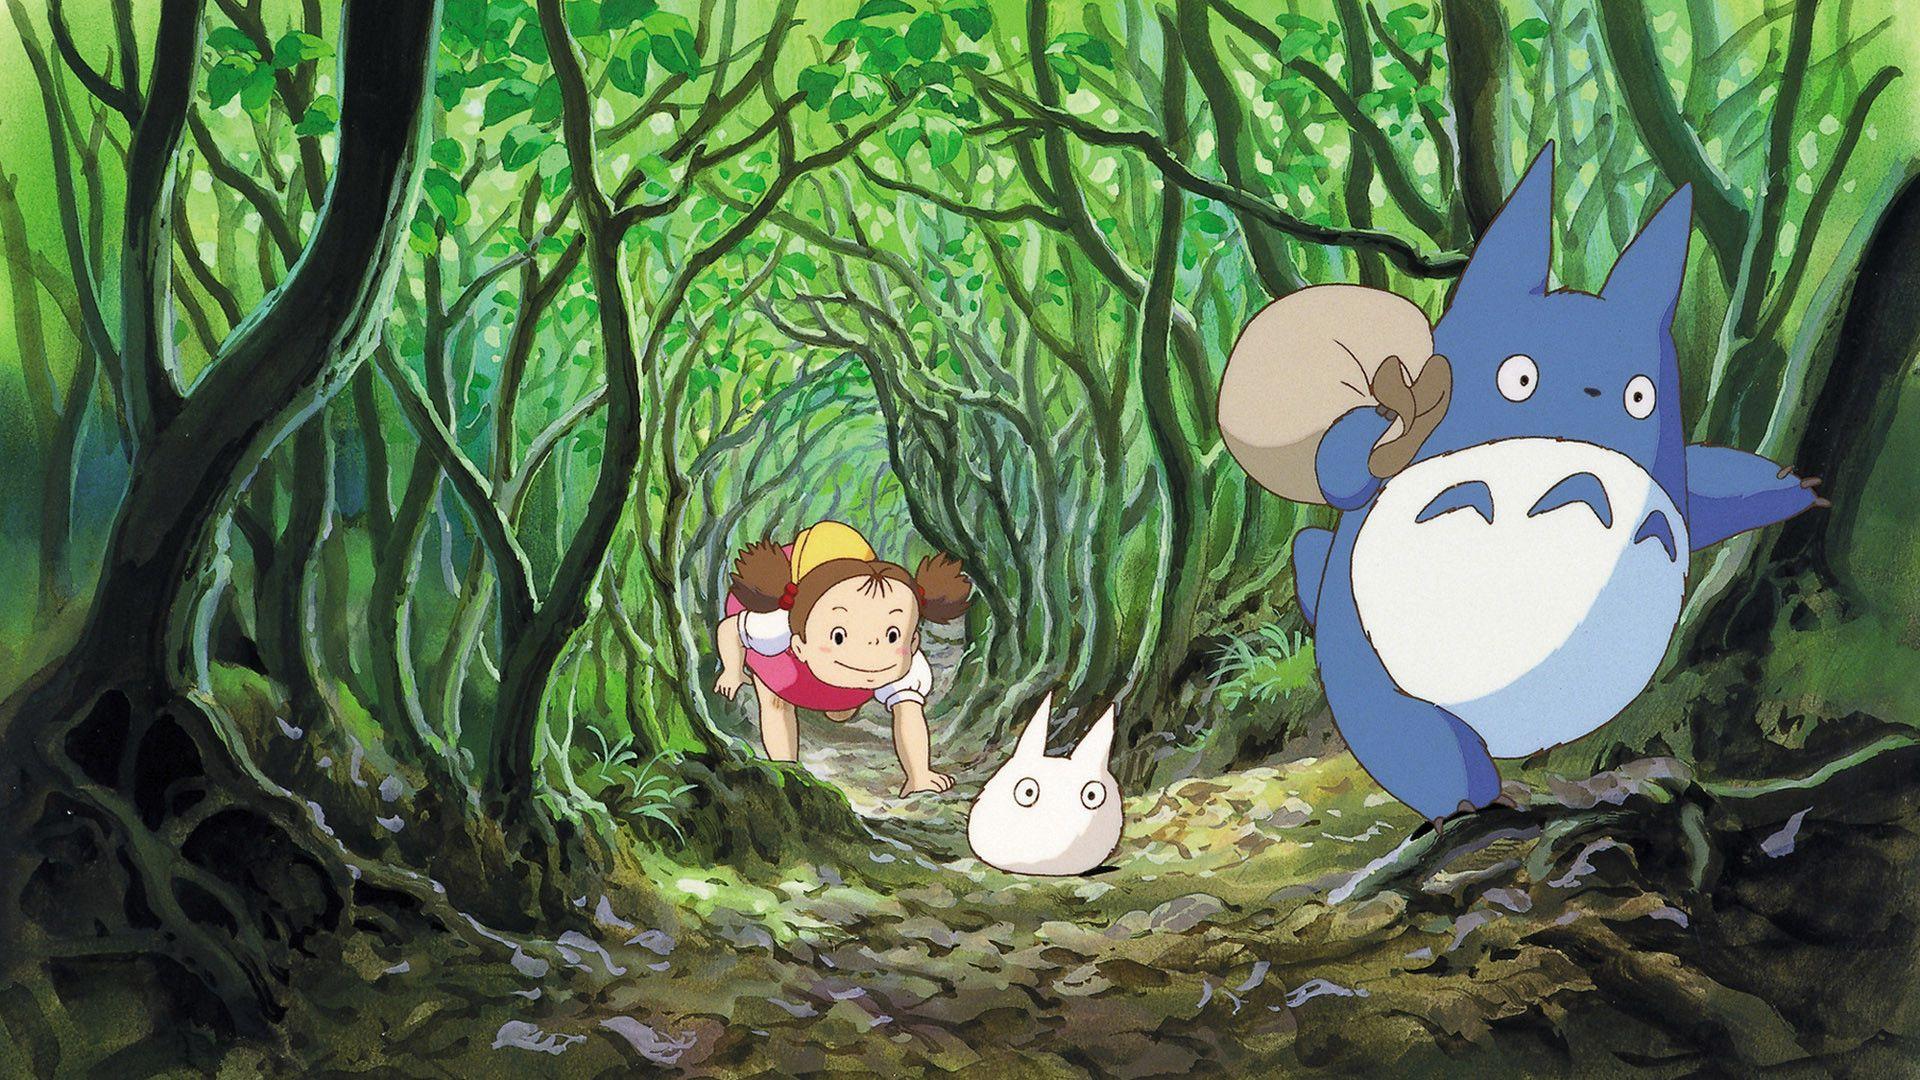 Peliculas Favoritas Ghibli おしゃれまとめの人気アイデア Pinterest Marisel Soto 画像あり トトロ ジブリ スタジオジブリ